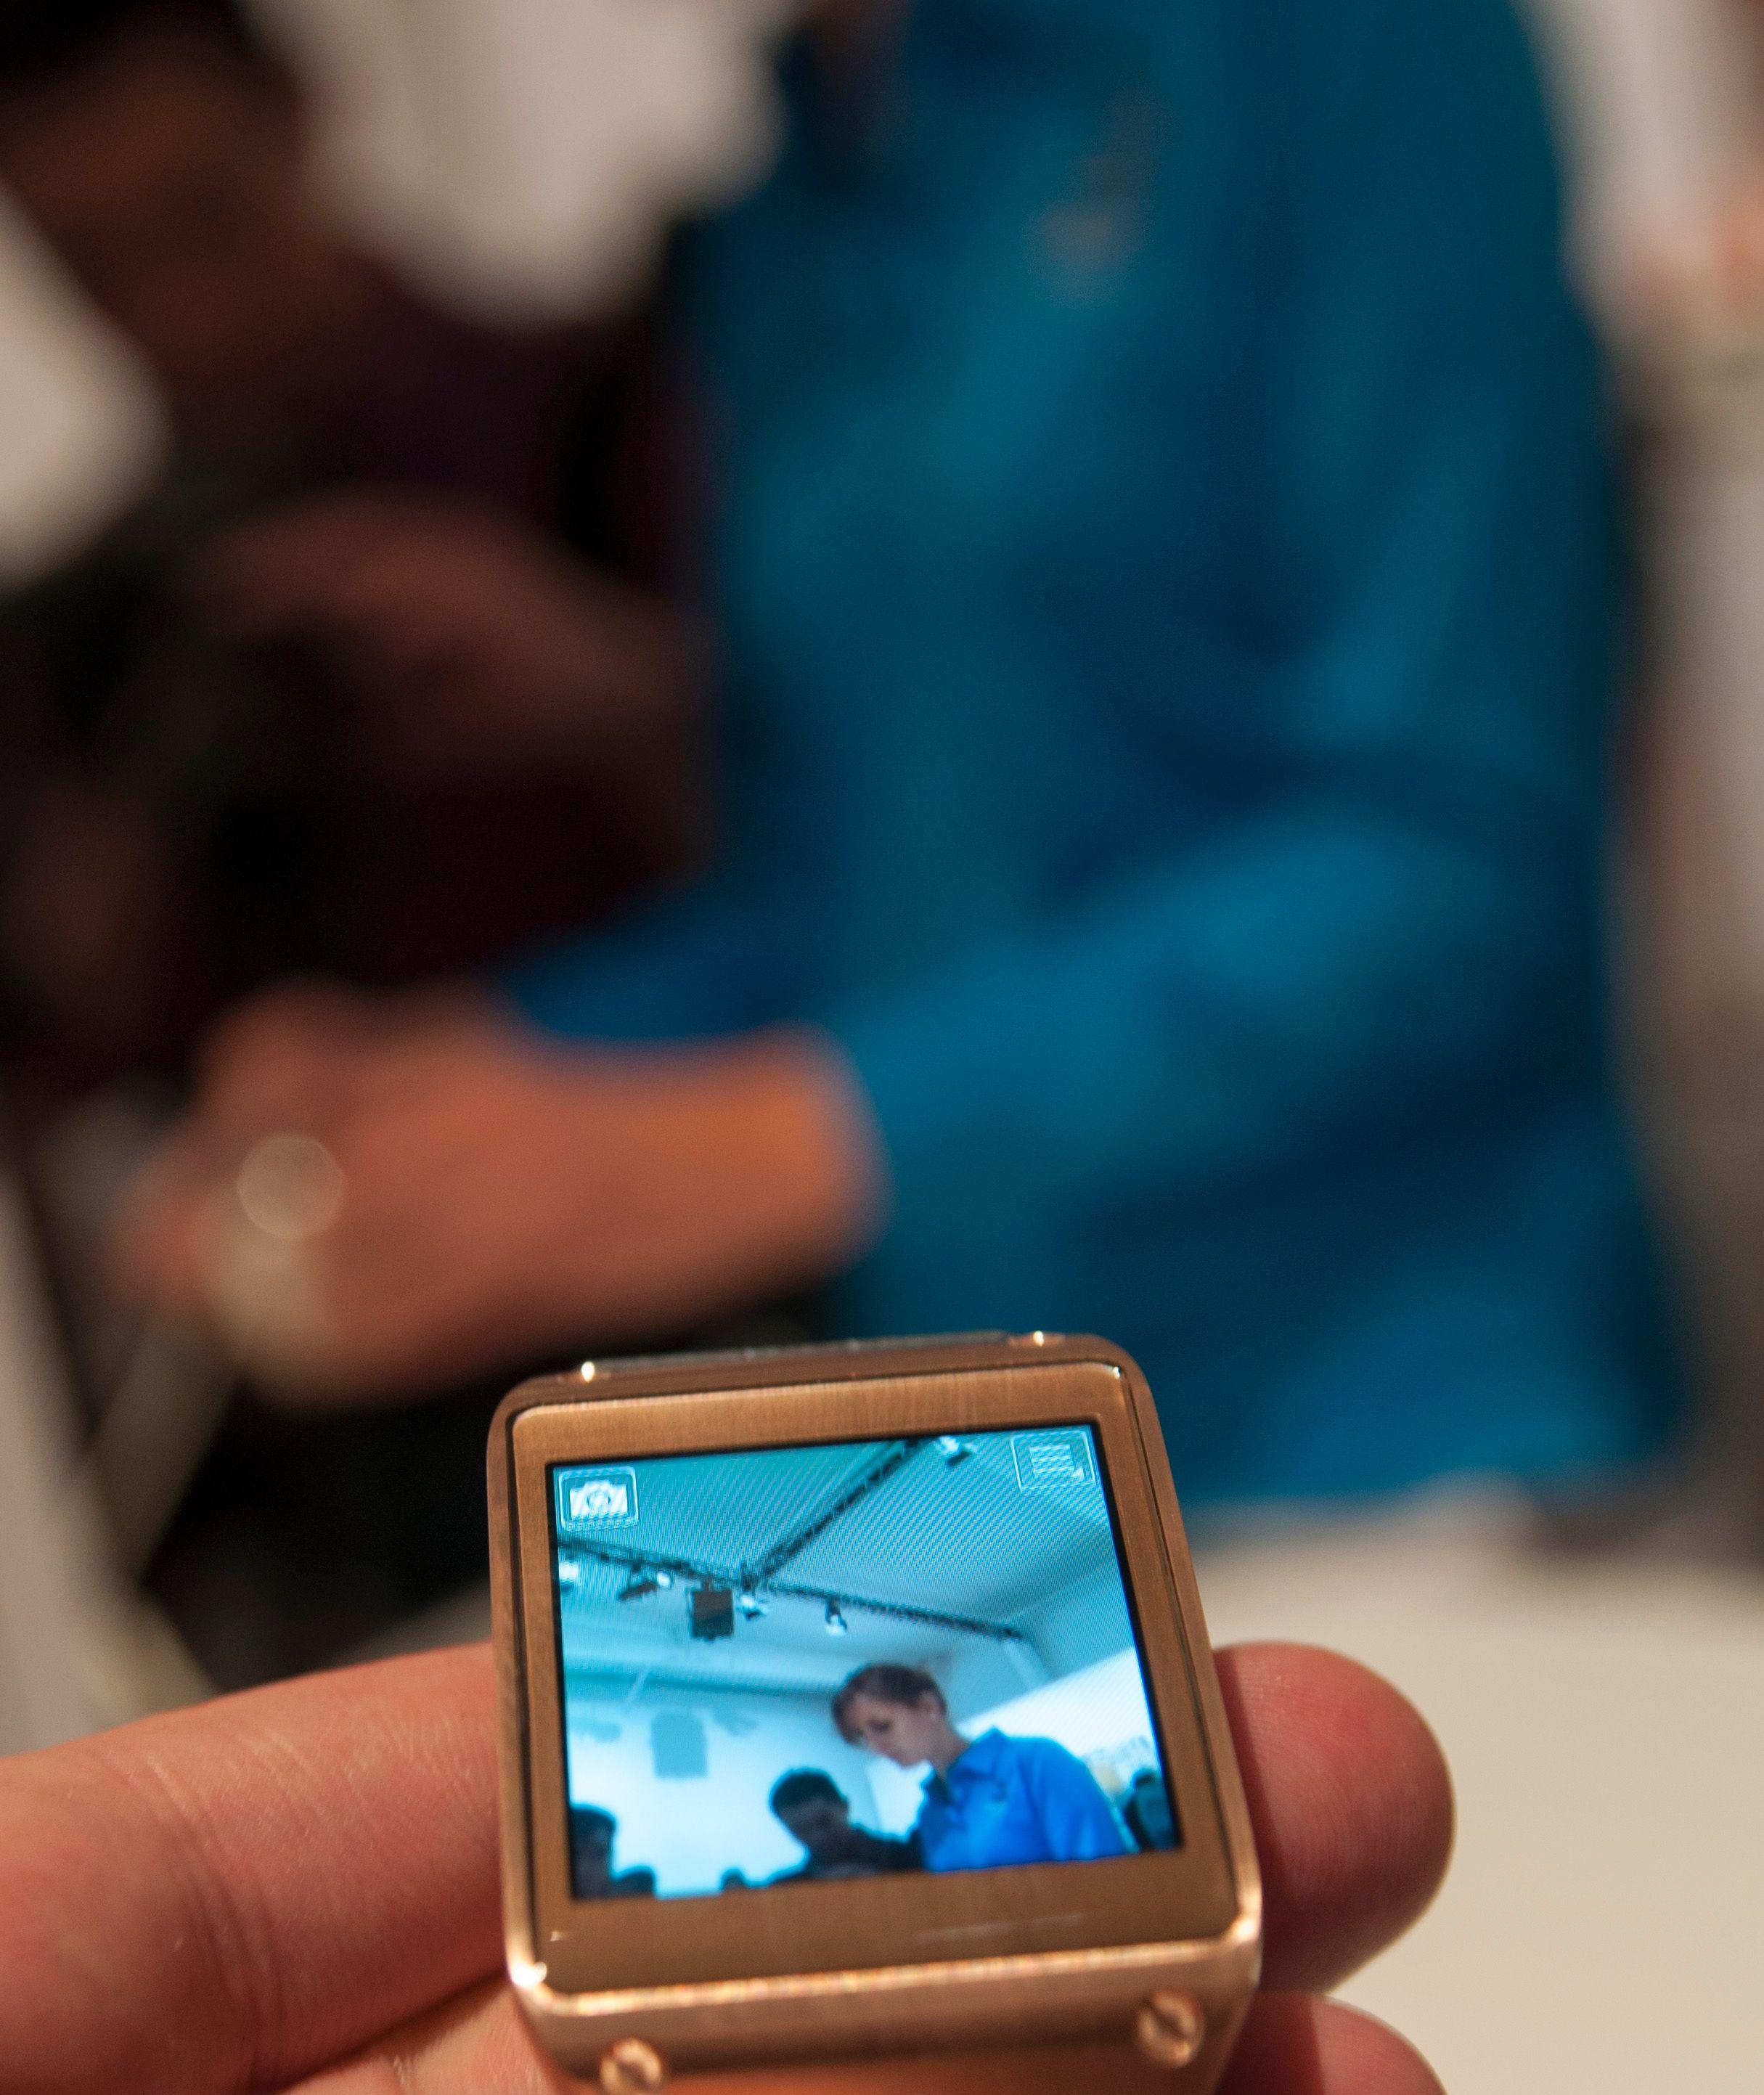 Samsung Galaxy Gear har innebygget kamera, en rekke funksjoner og tar seg pent ut.Foto: Finn Jarle Kvalheim, Amobil.no